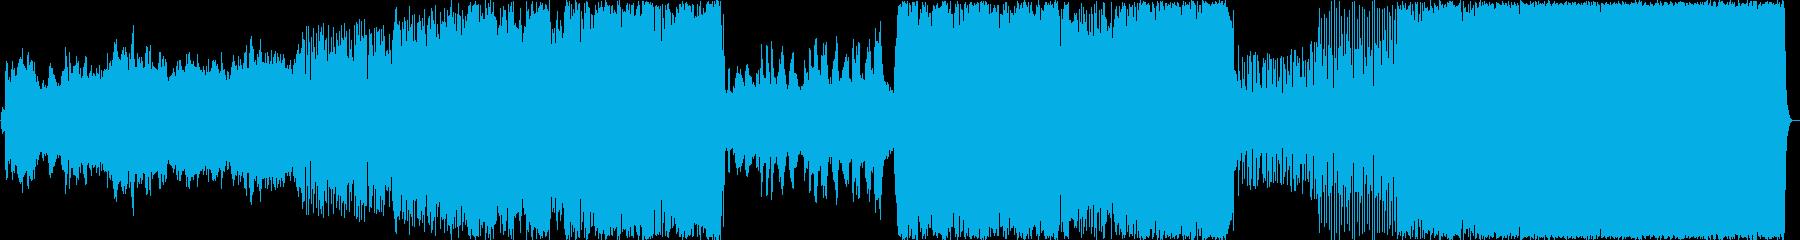 ノスタルジックで楽しい吹奏楽風行進曲の再生済みの波形